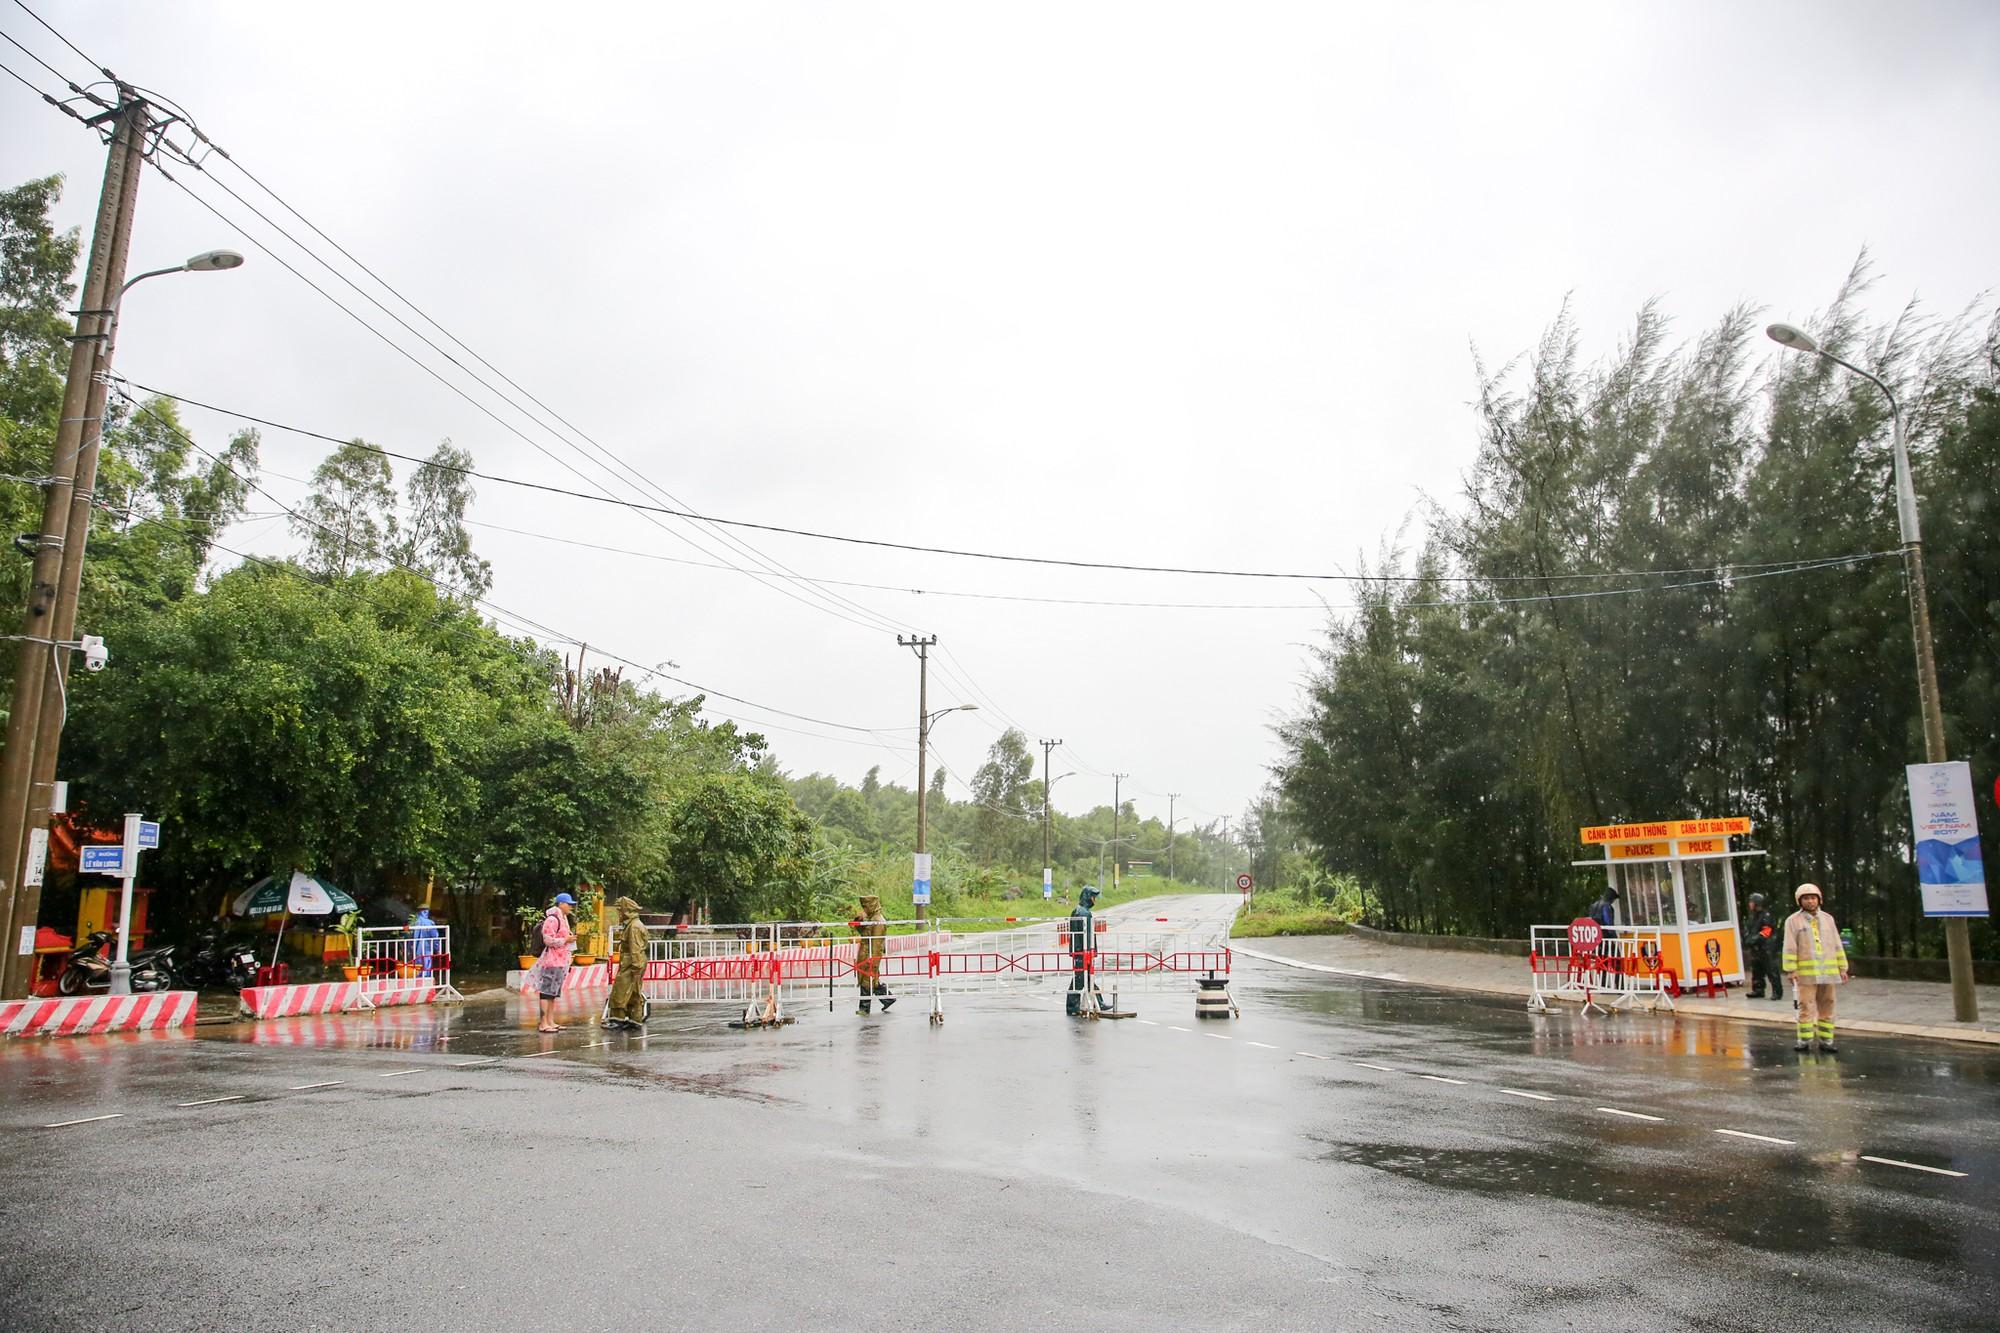 [PHOTO ESSAY] Toàn cảnh Đà Nẵng chạy đua với bão chuẩn bị cho khai mạc APEC - Ảnh 14.